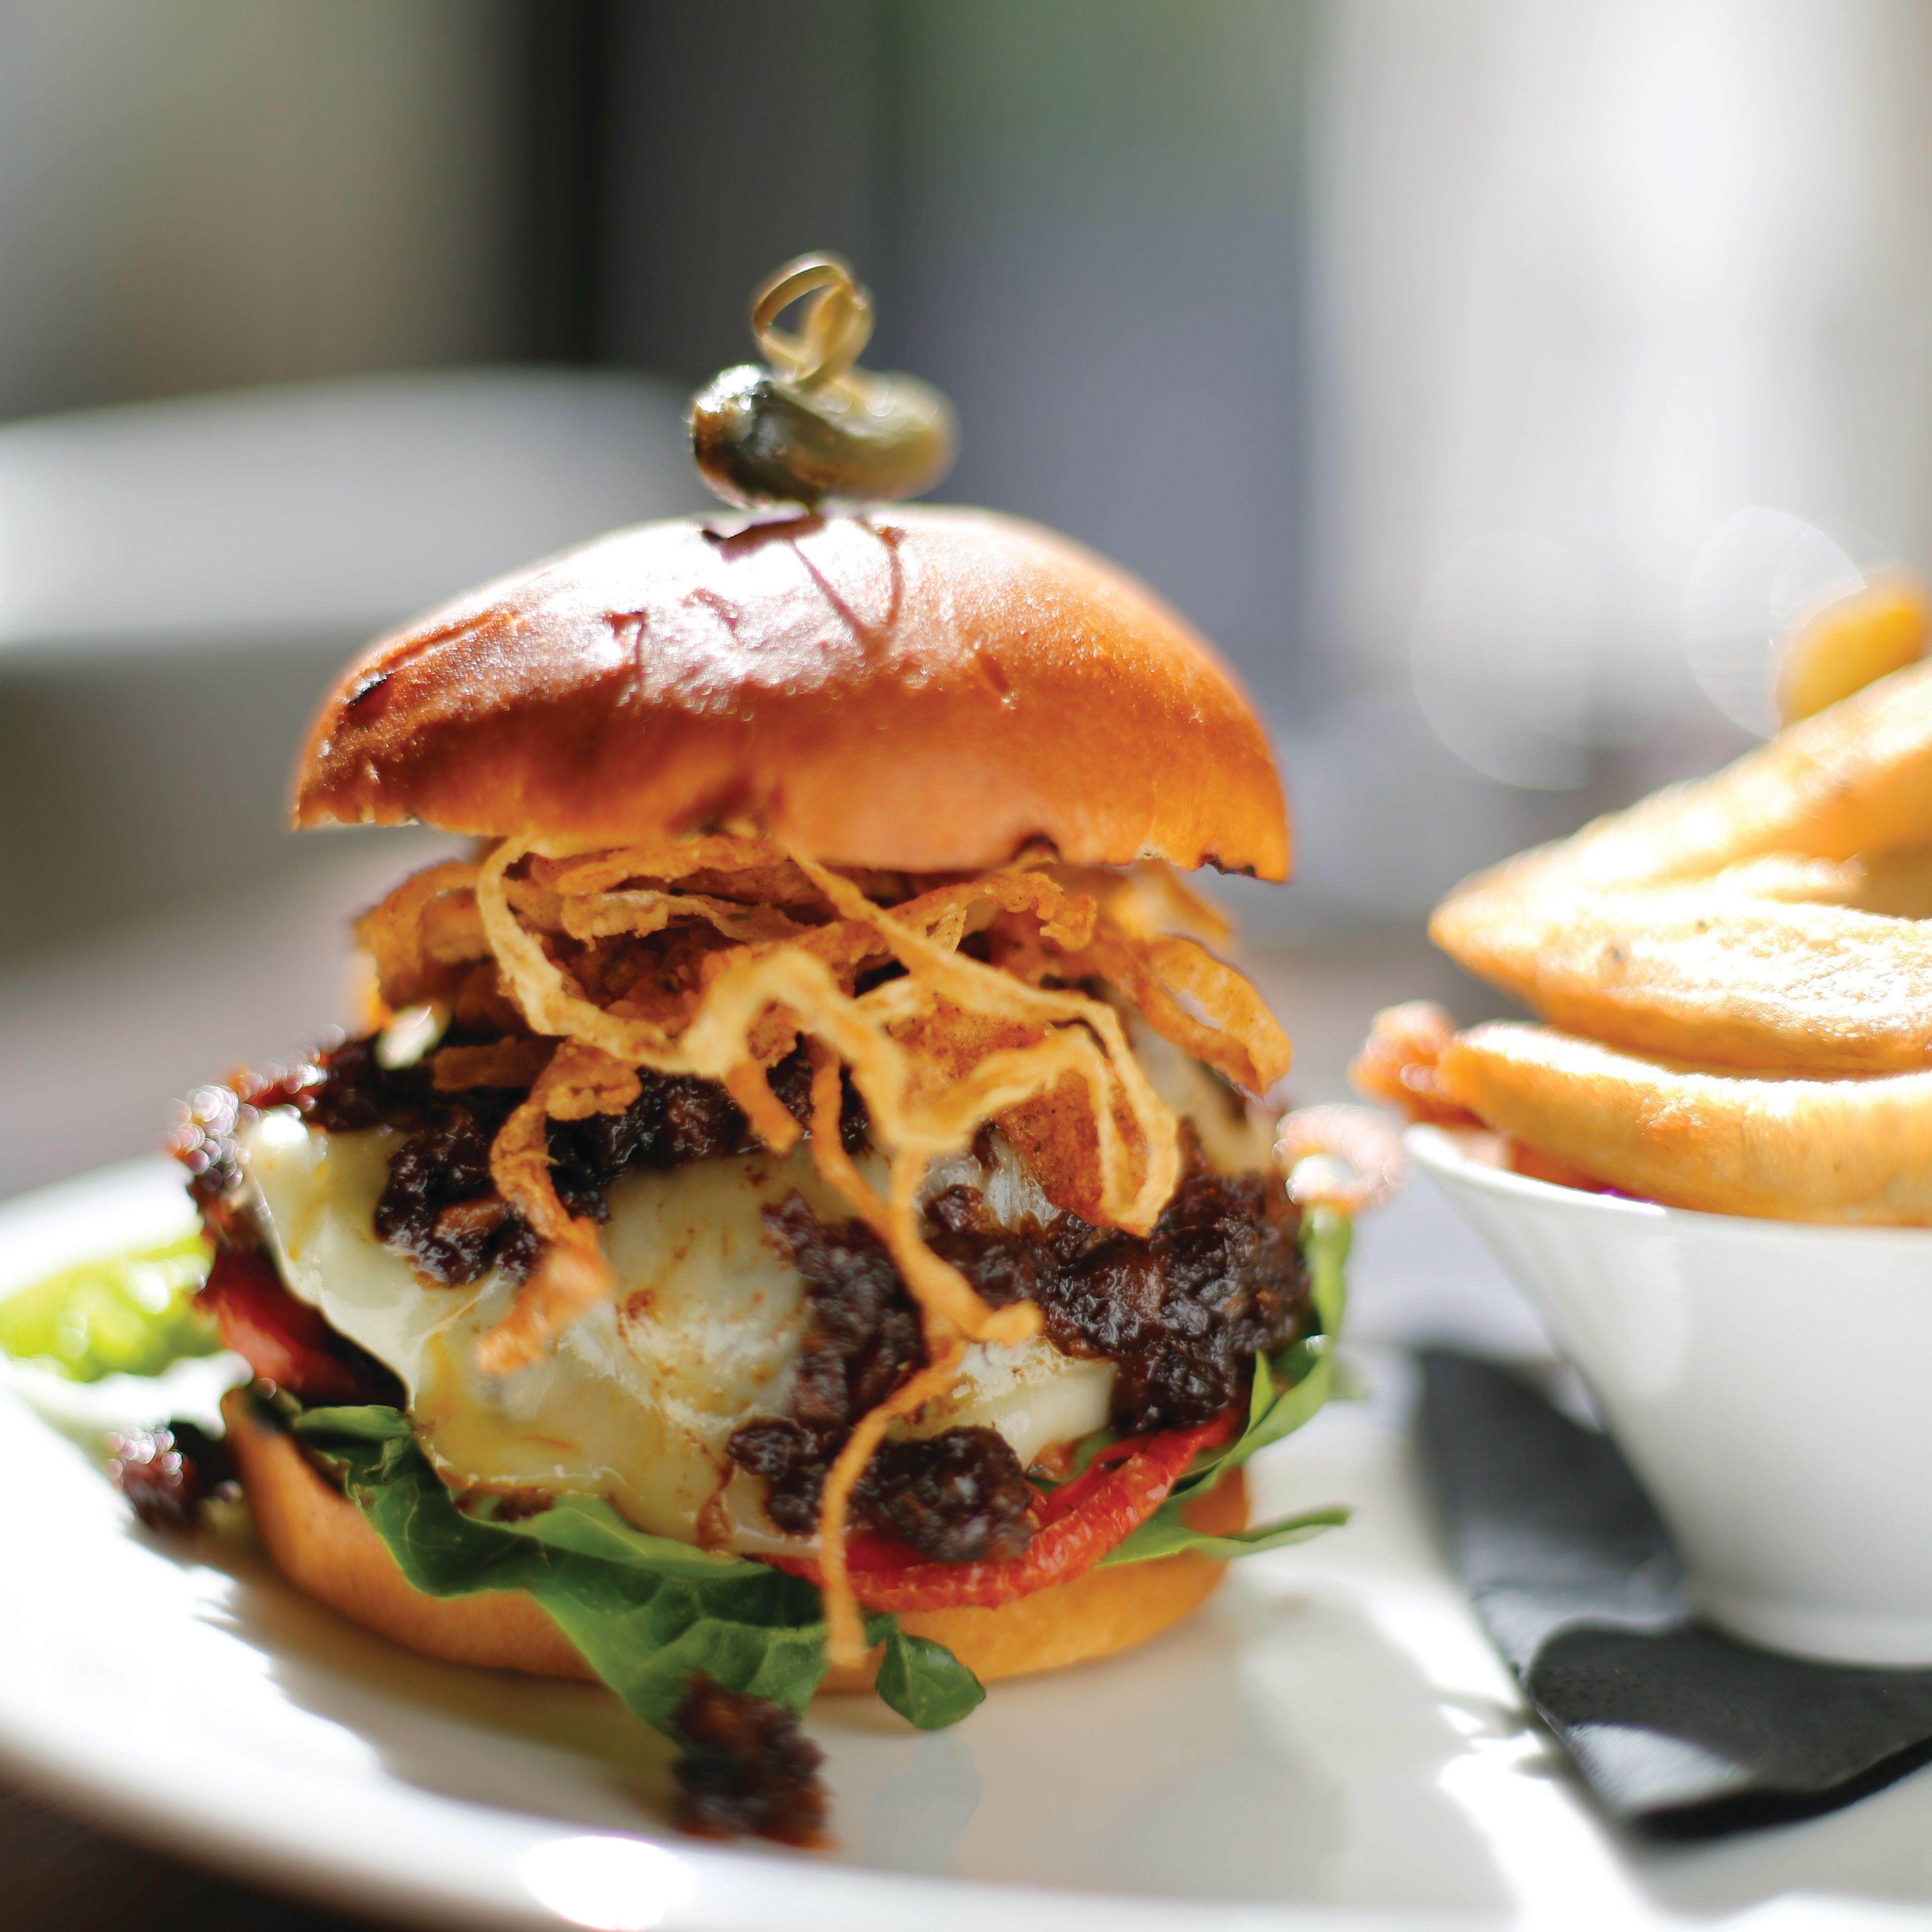 Burger scsbsj